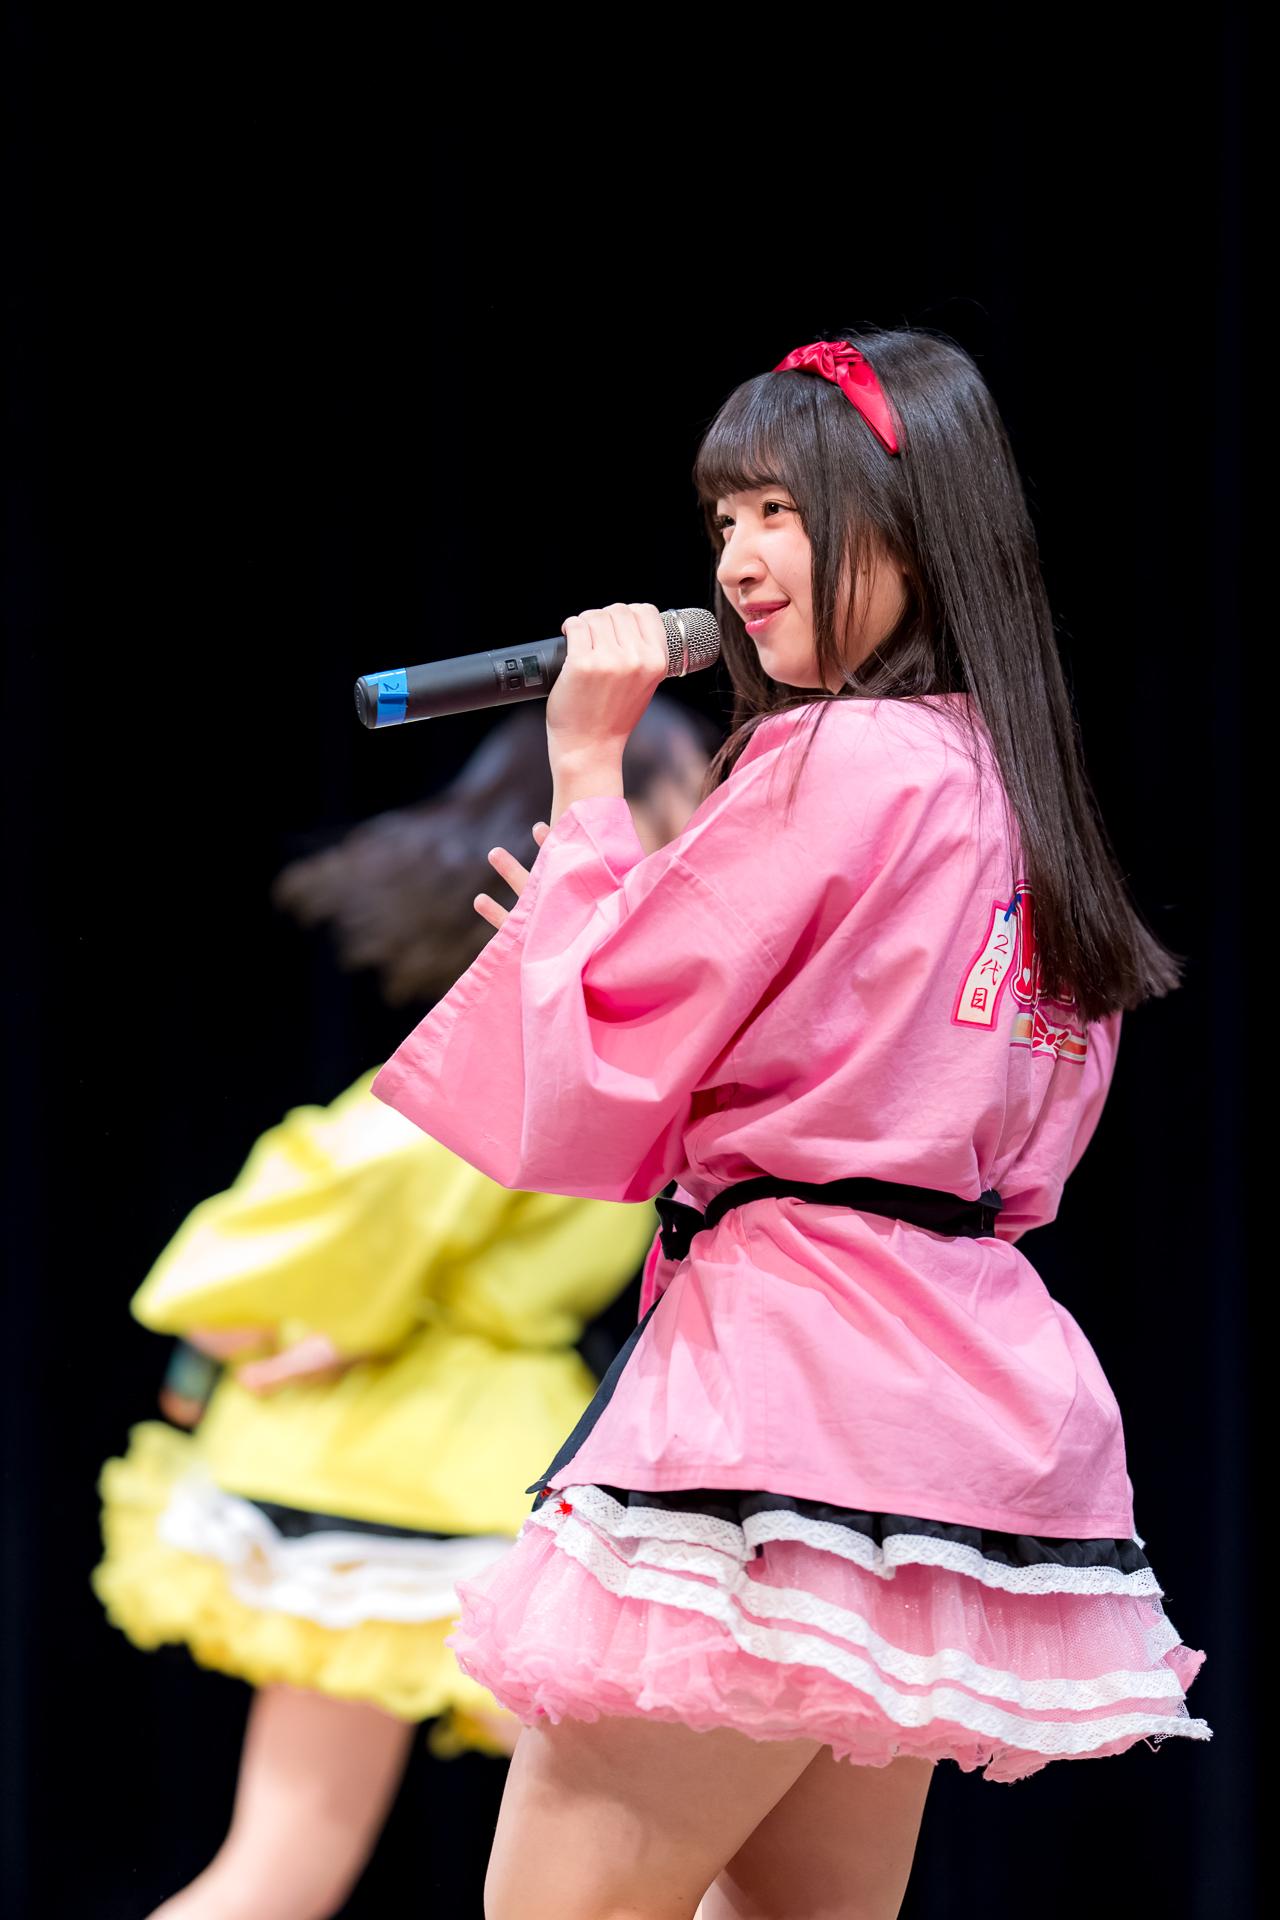 2代目HAPPY少女♪ きょうか ( 山田京佳 ) | ウイングベイ小樽ヲタル座